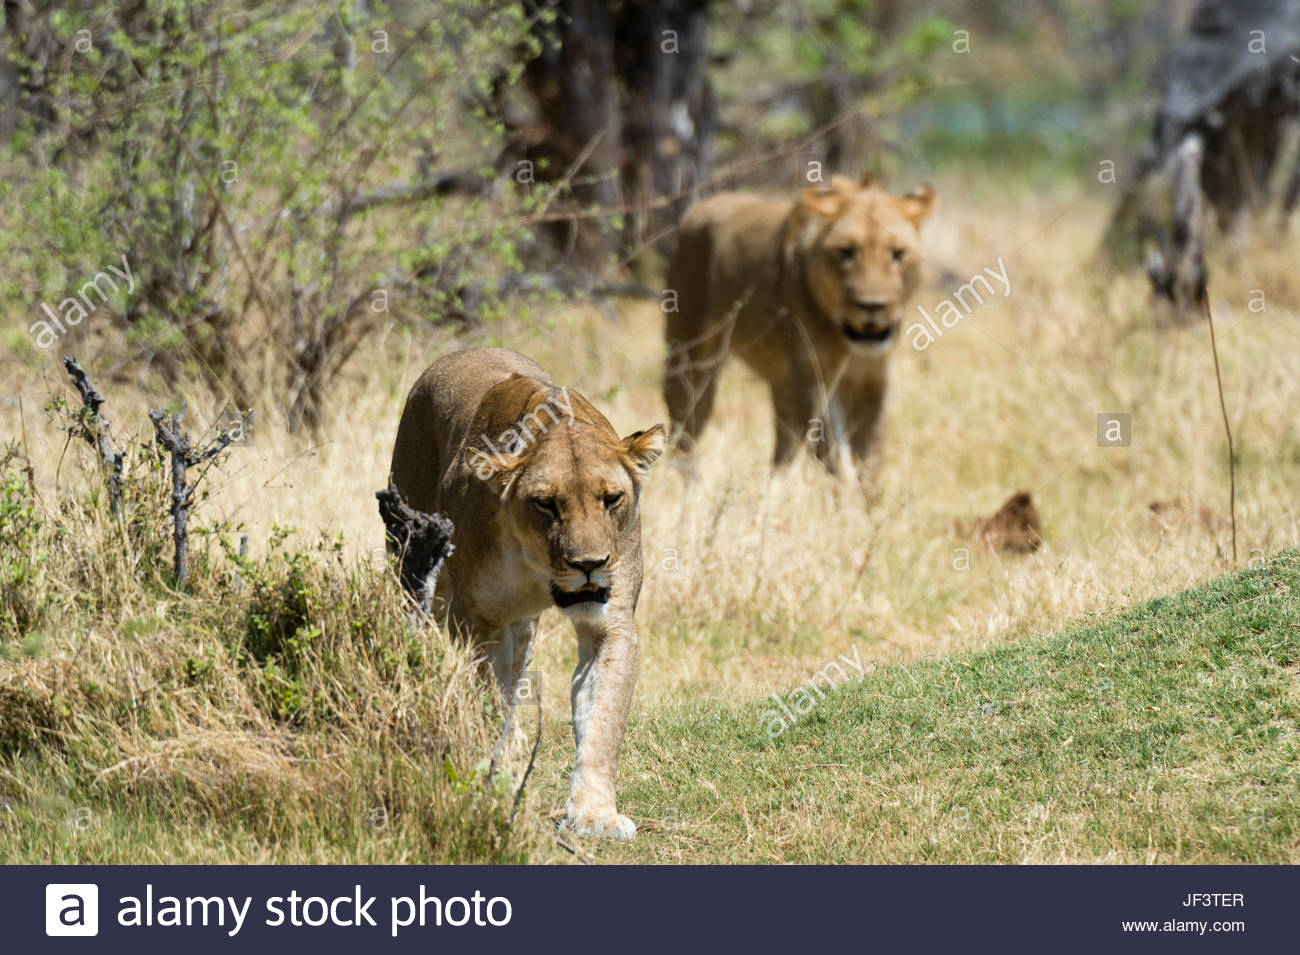 Two lions, Panthera leo, walking in their habitat. - Stock Image